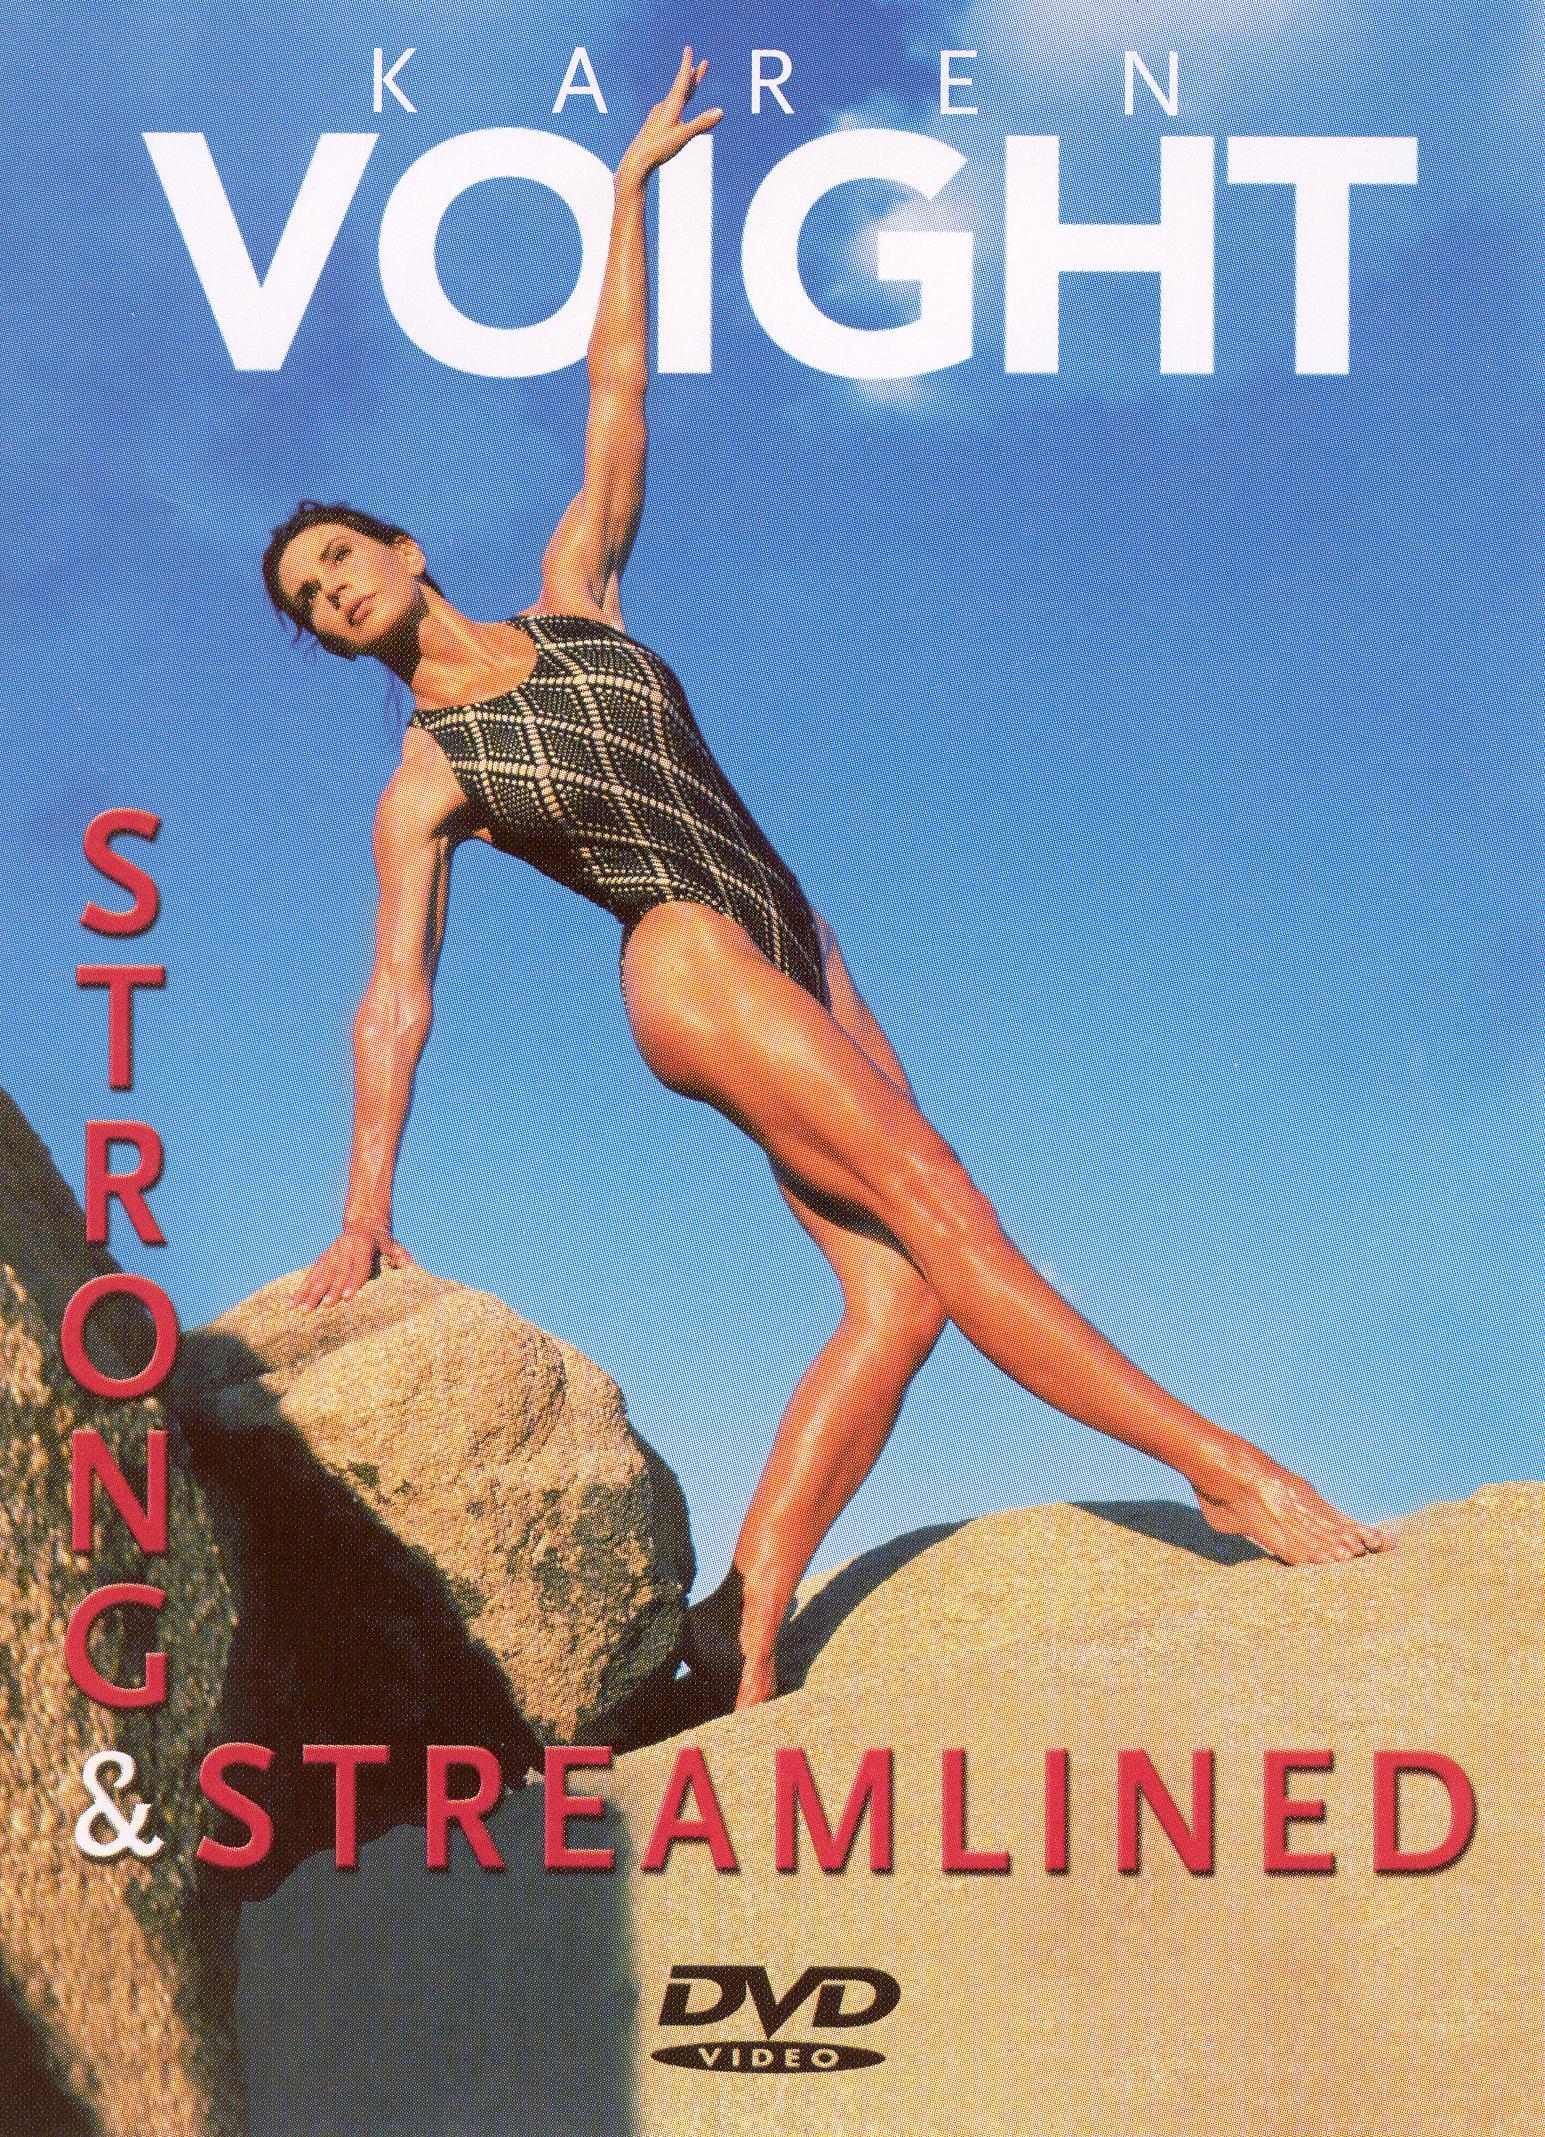 Karen Voight: Strong & Streamlined